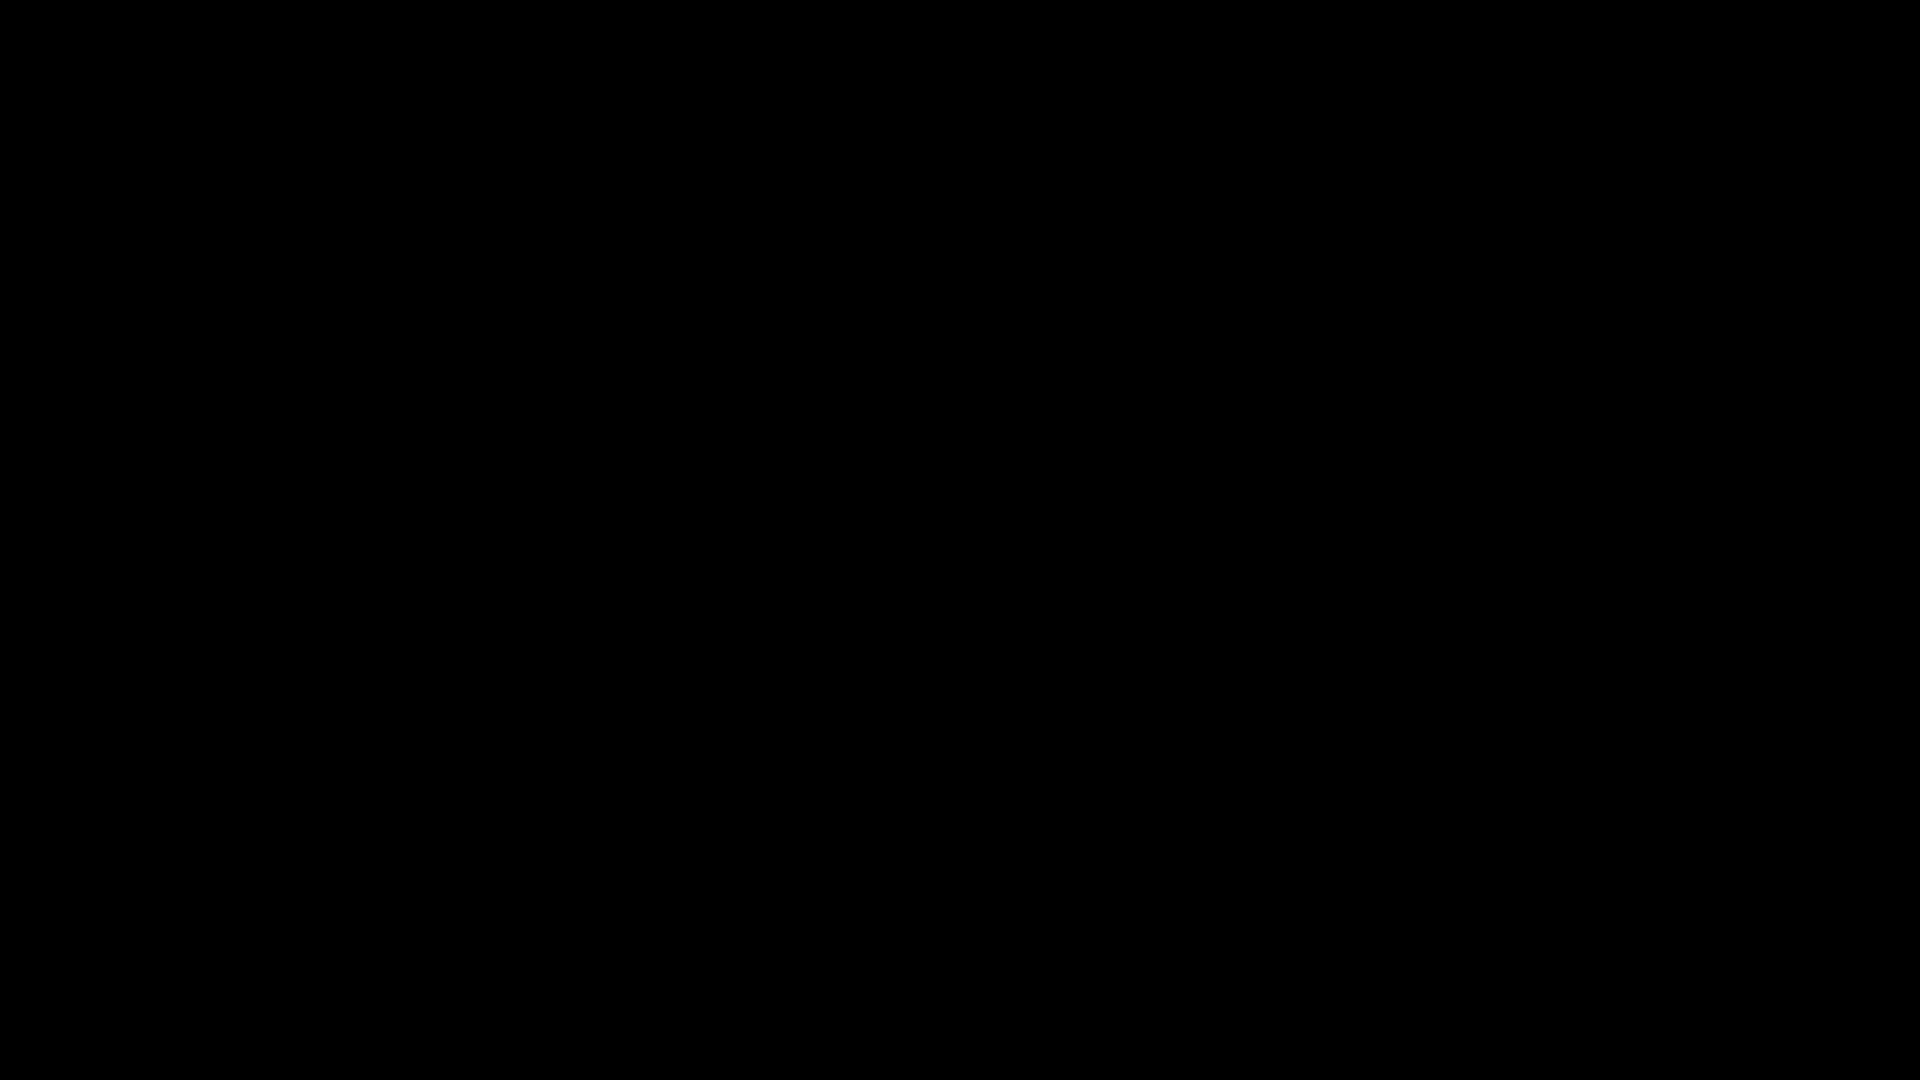 高画質露天女風呂観察 vol.032 望遠 アダルト動画キャプチャ 98枚 6